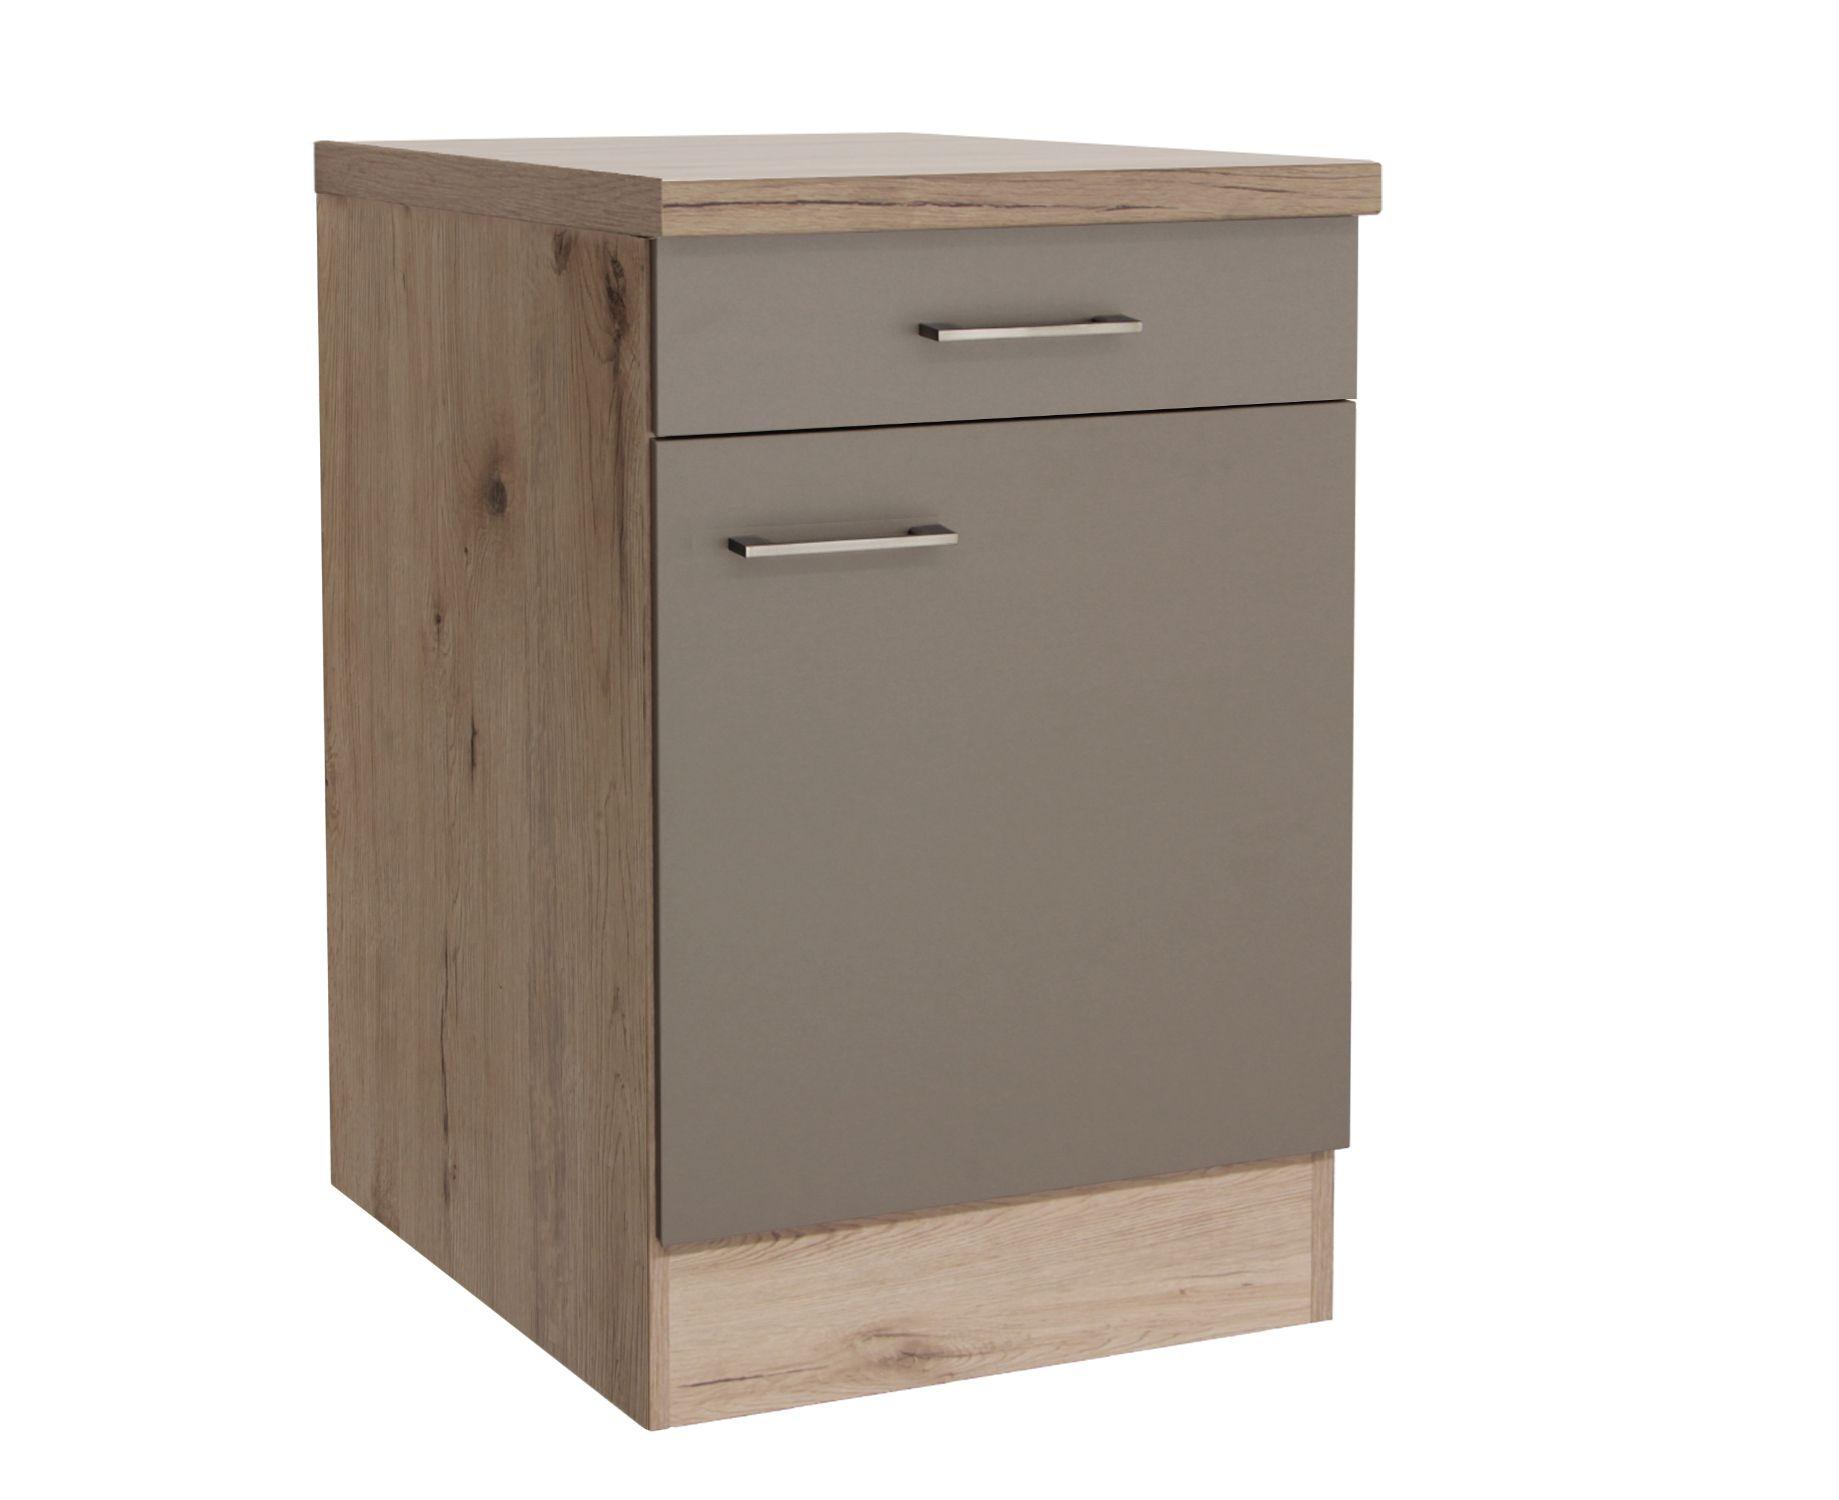 71 Ruhig Küchen Unterschrank 60 Cm Breit (Dengan gambar)